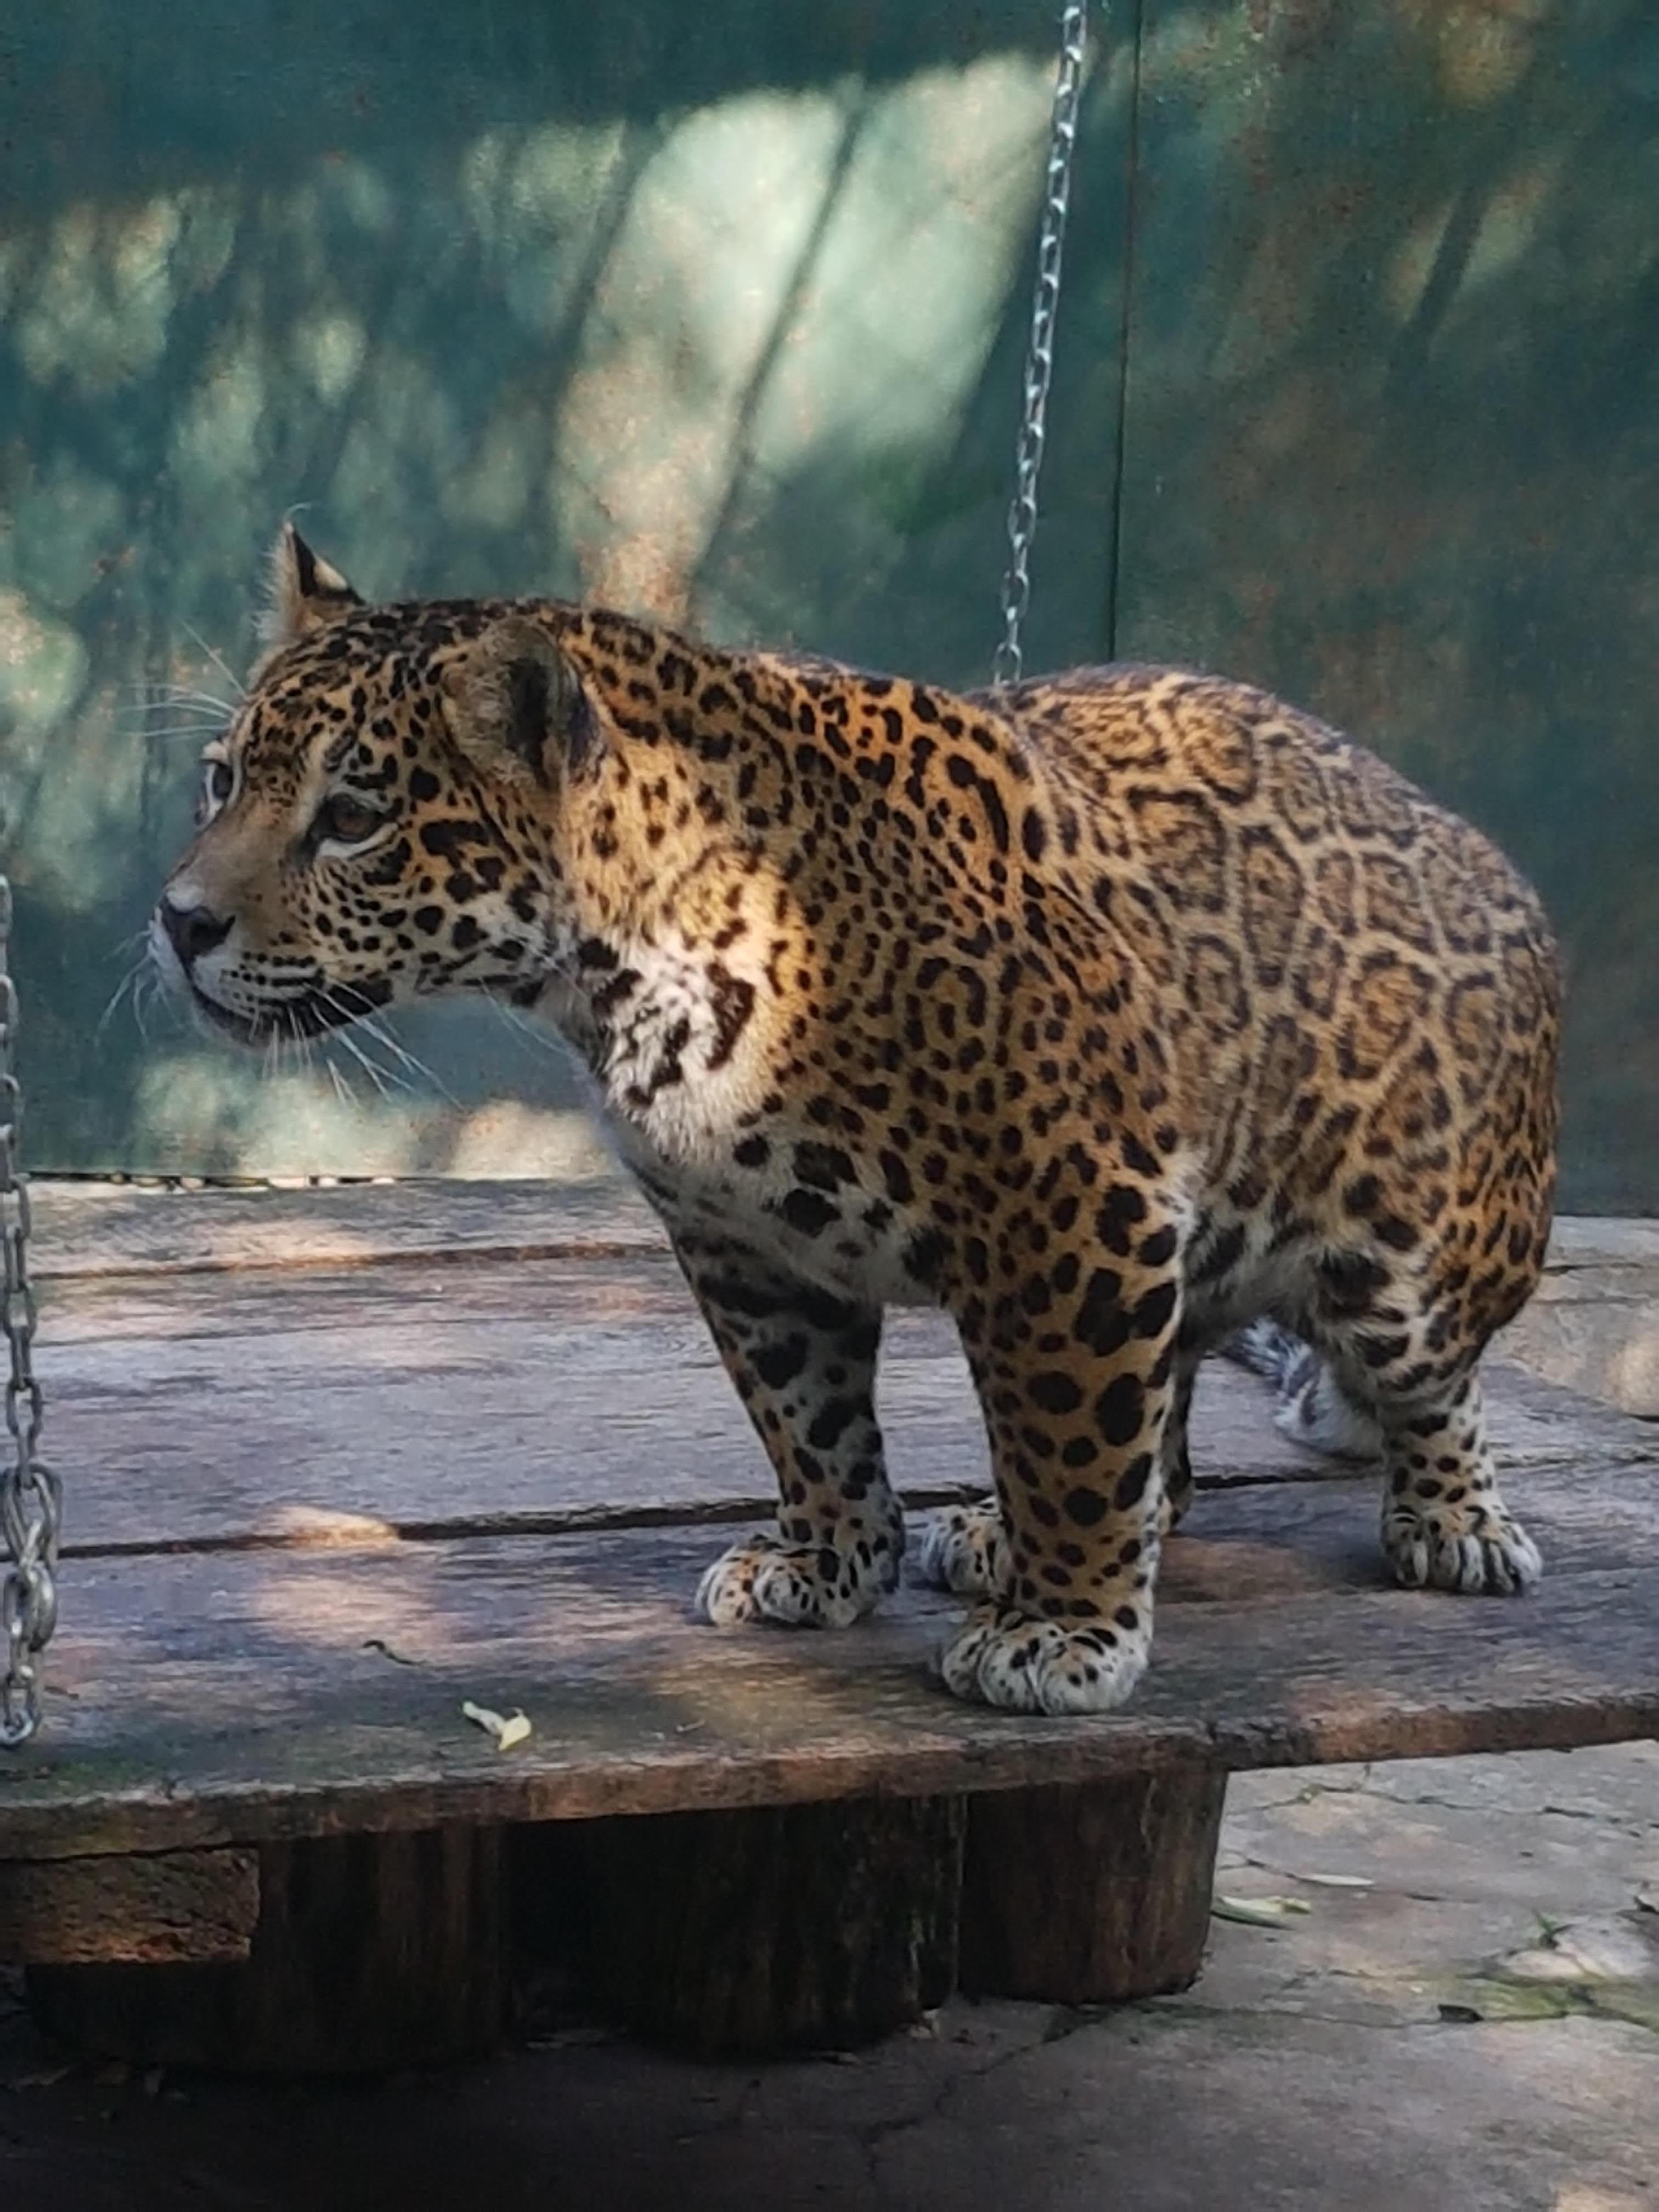 Un jaguar şi lebede albe, noii `locatari` de la Zoo Braşov. Vizitatorii vor putea hrăni animalele